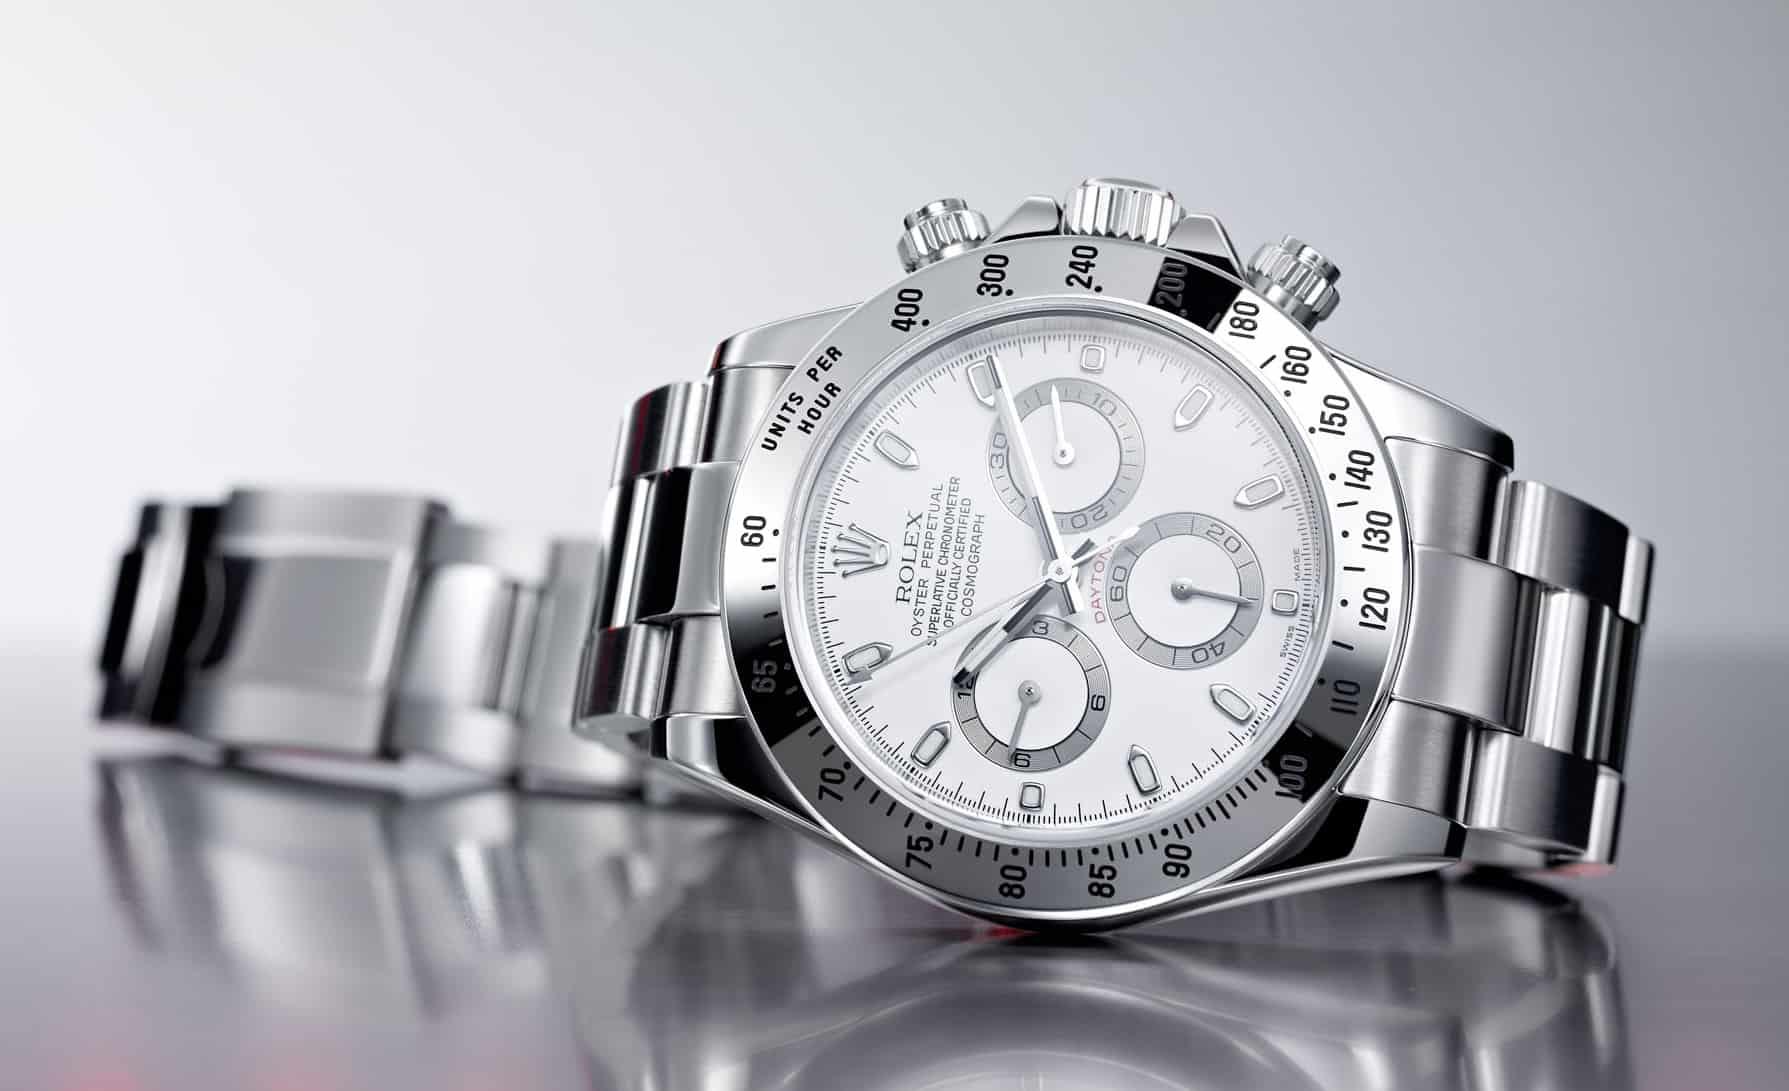 Stahluhren wie die  begehrten Modelle einer Rolex Daytona, Rolex Pespi oder ein Patek Nautilus sind nur mit Wartezeit erhältlich